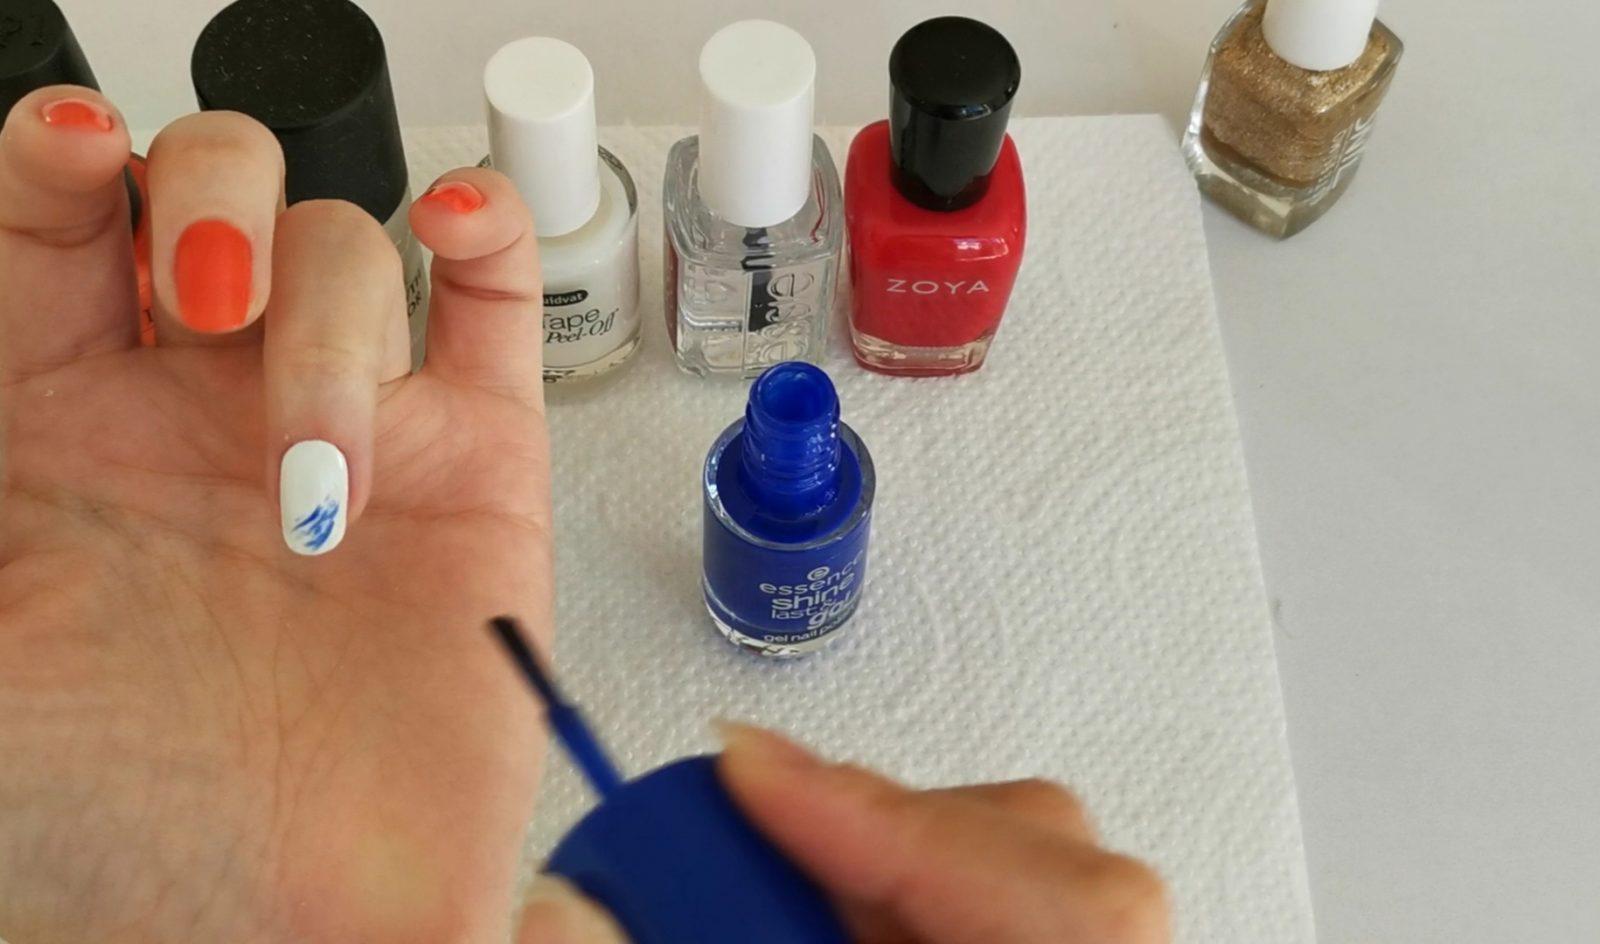 青色のマニキュアを塗る